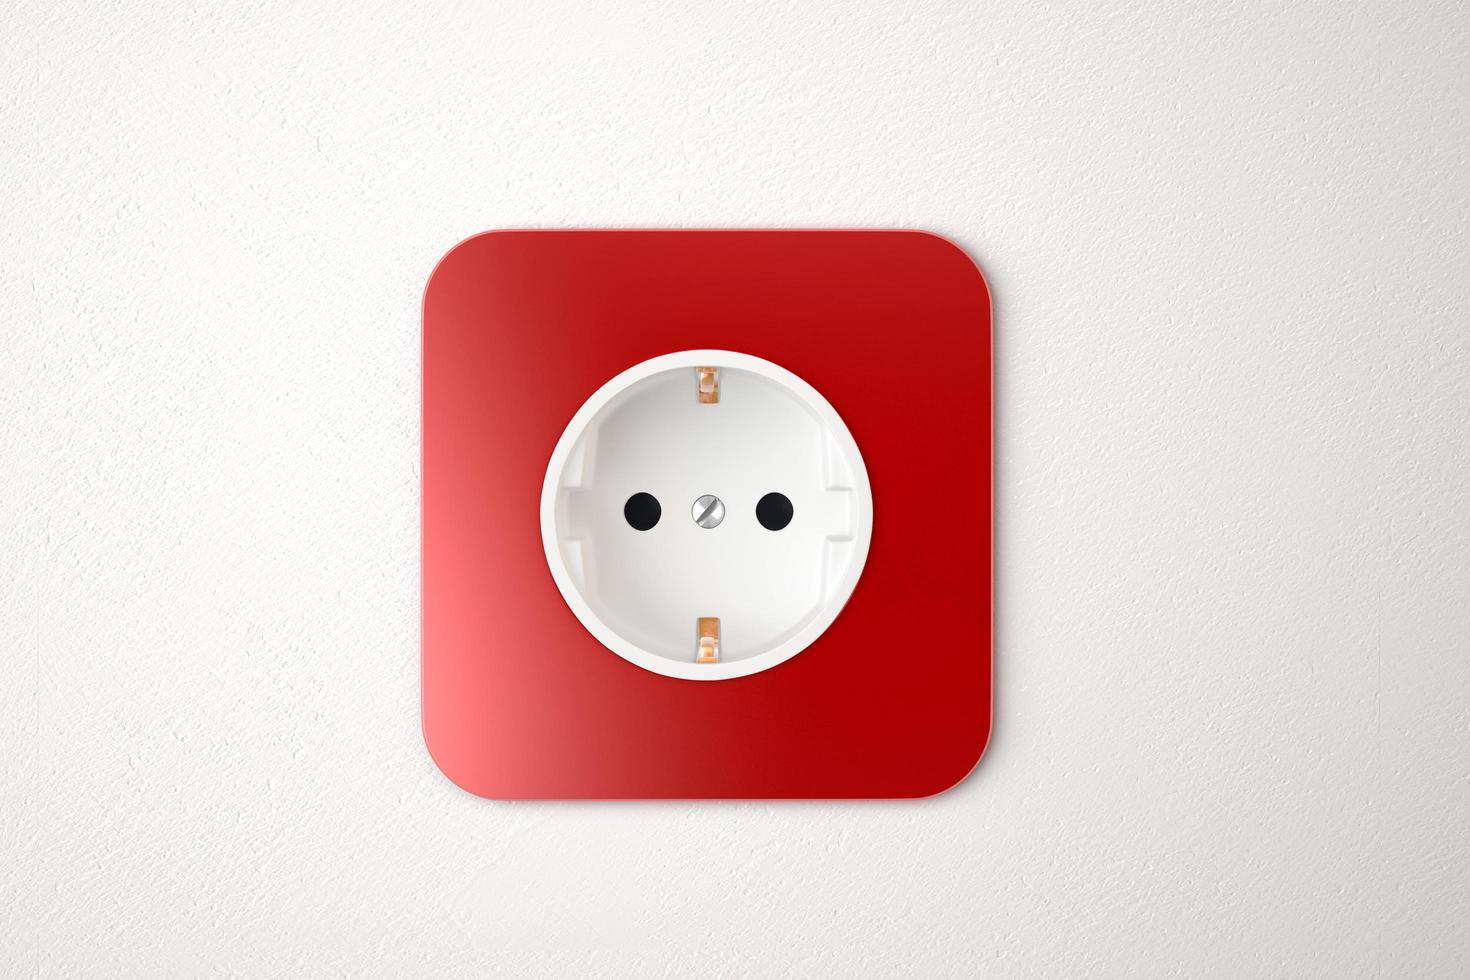 rött eluttag på den vita väggen foto